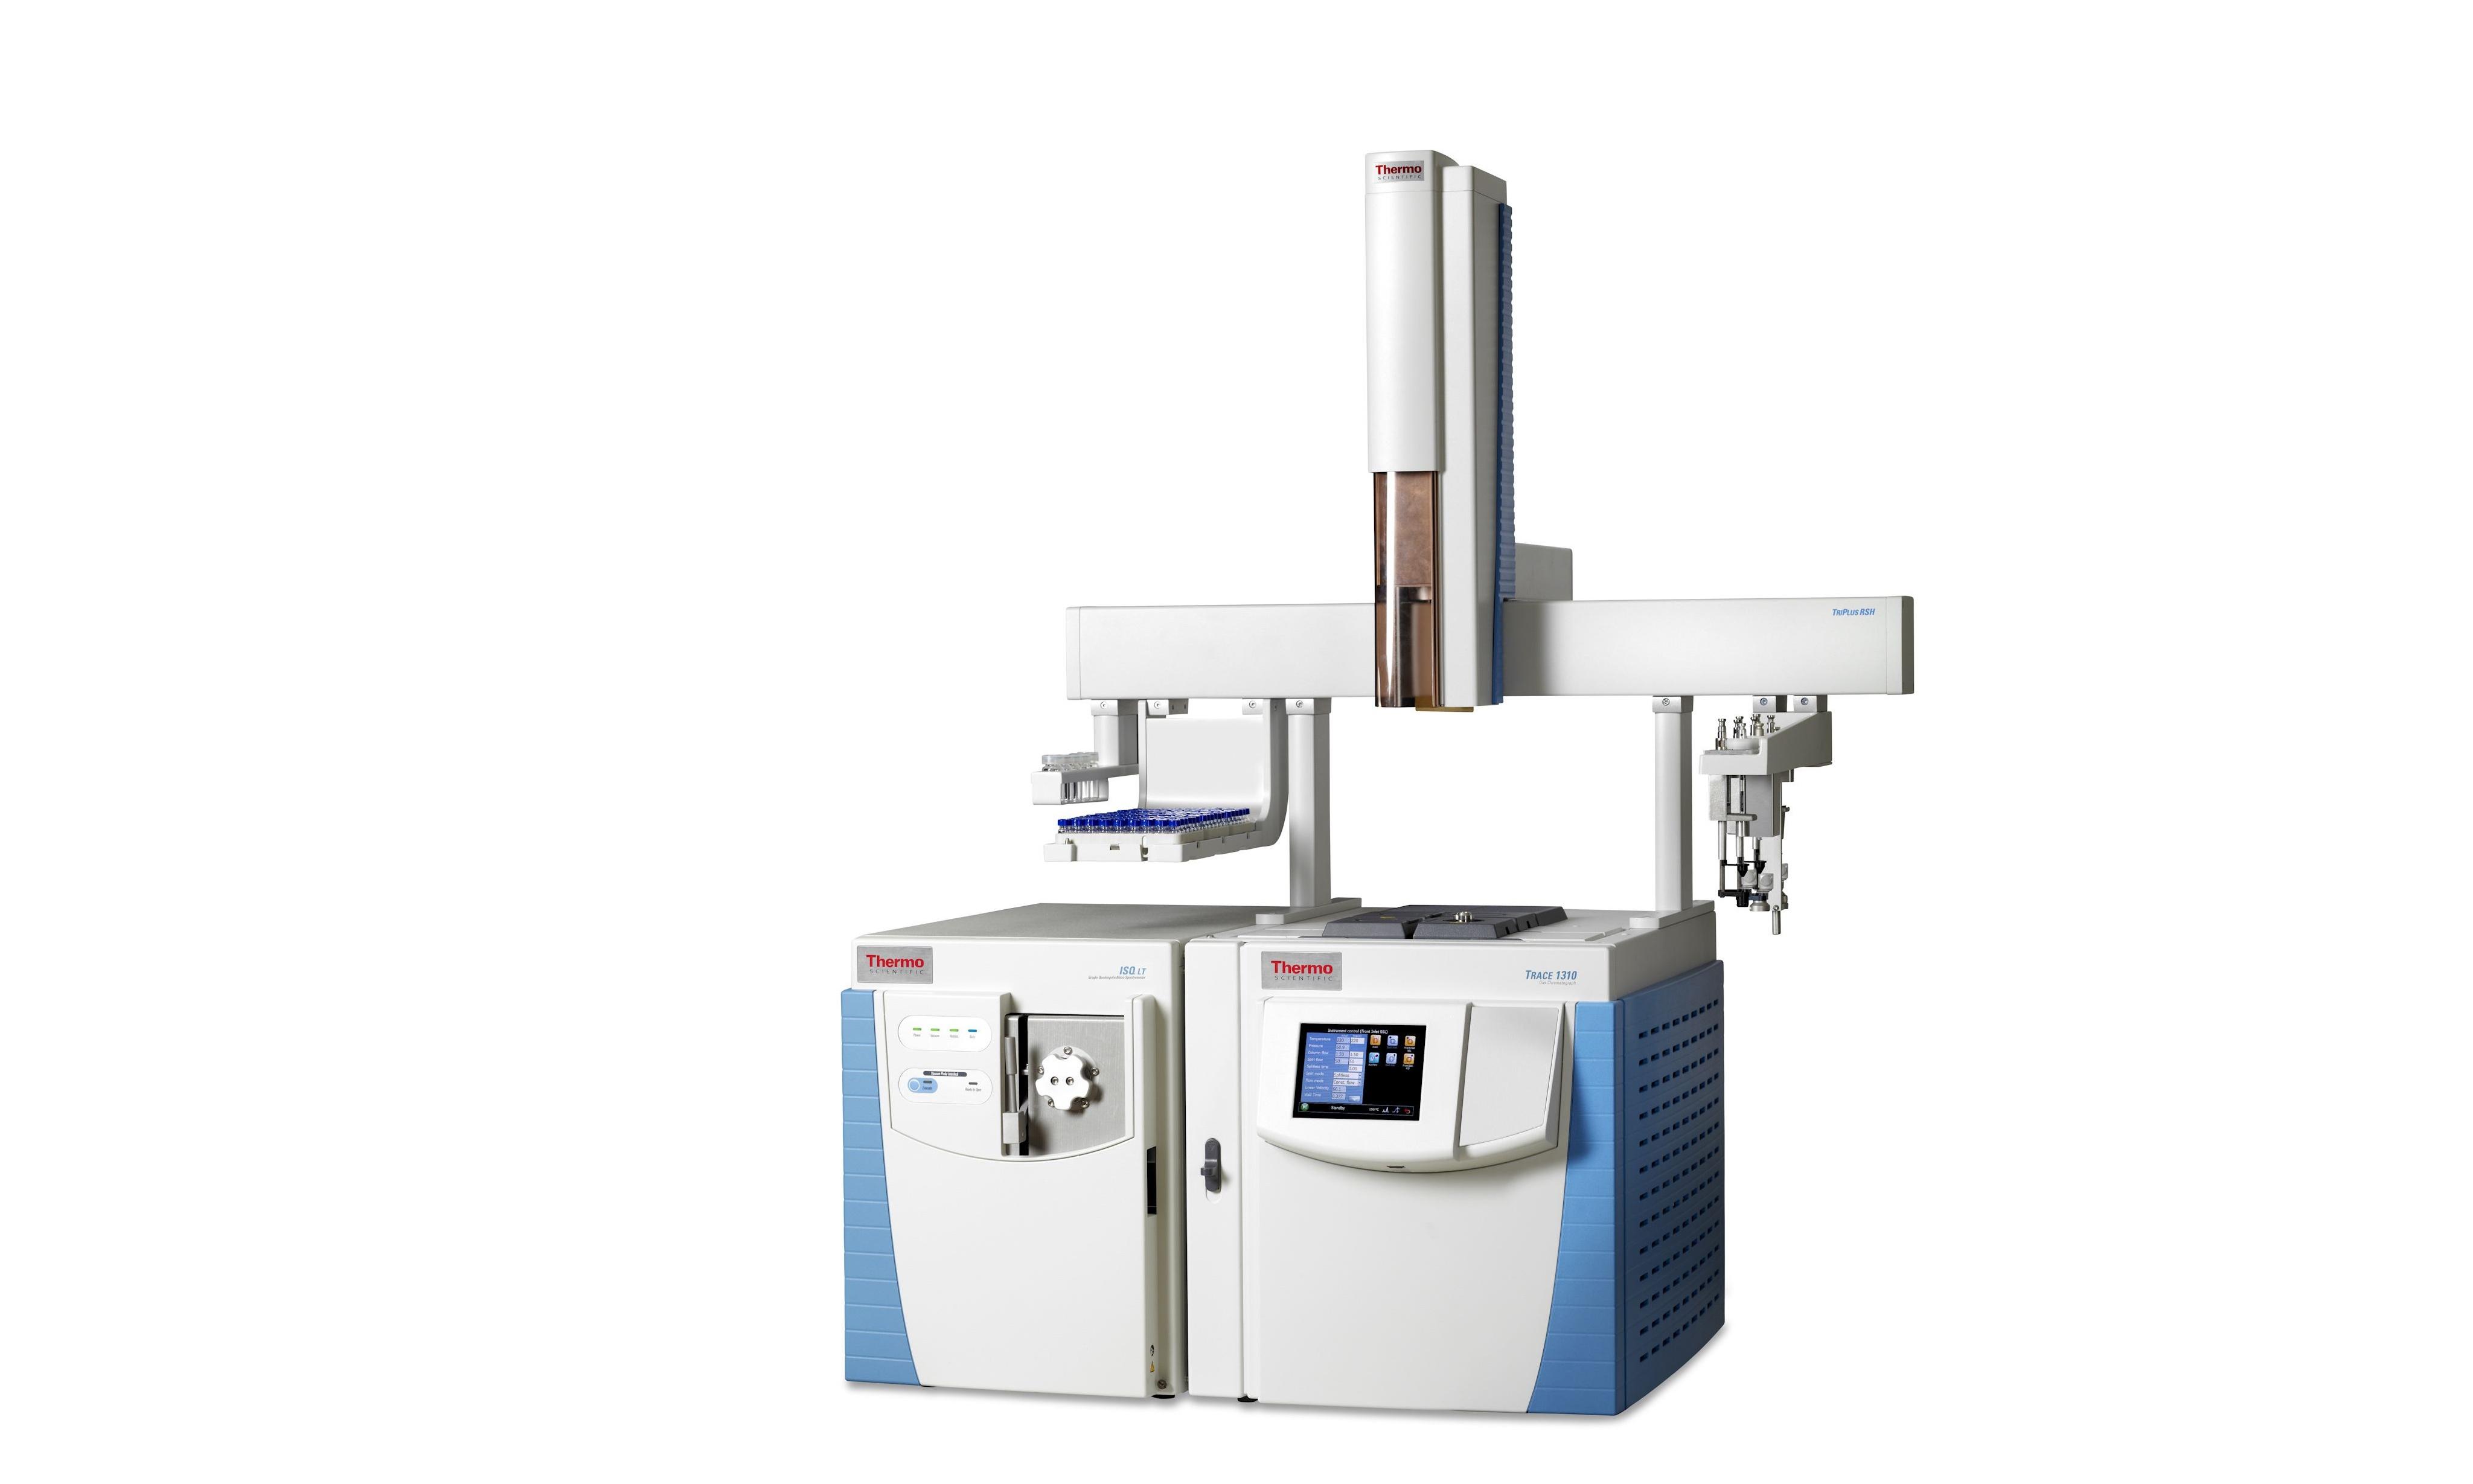 辽宁省地质矿产研究院三重四级杆串联质谱仪采购项目公开招标